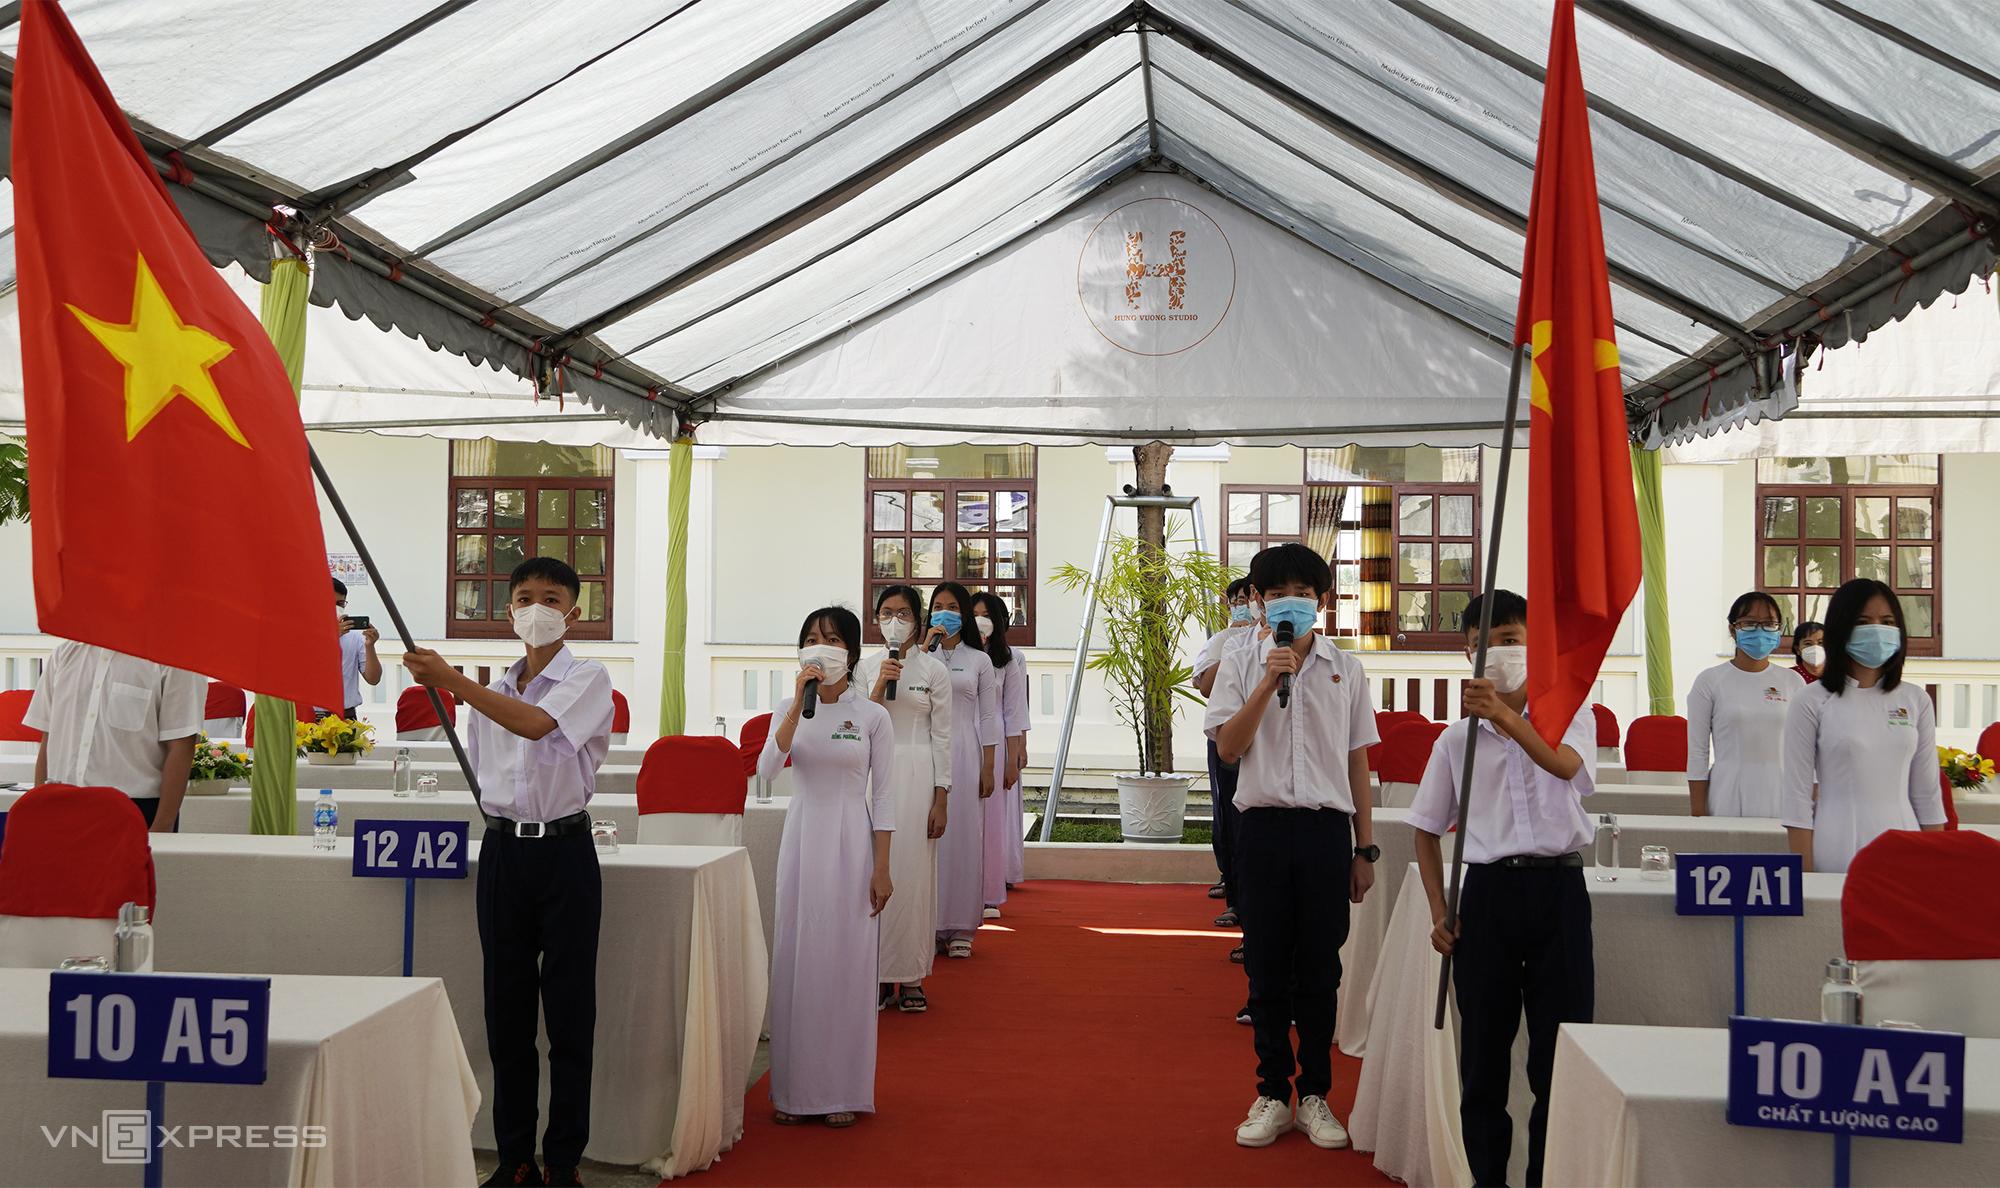 23 học sinh đại diện tham dự lễ khai giảng trực tiếp tại trường THPT Thiên Hộ Dương. Ảnh: Hoàng Nam